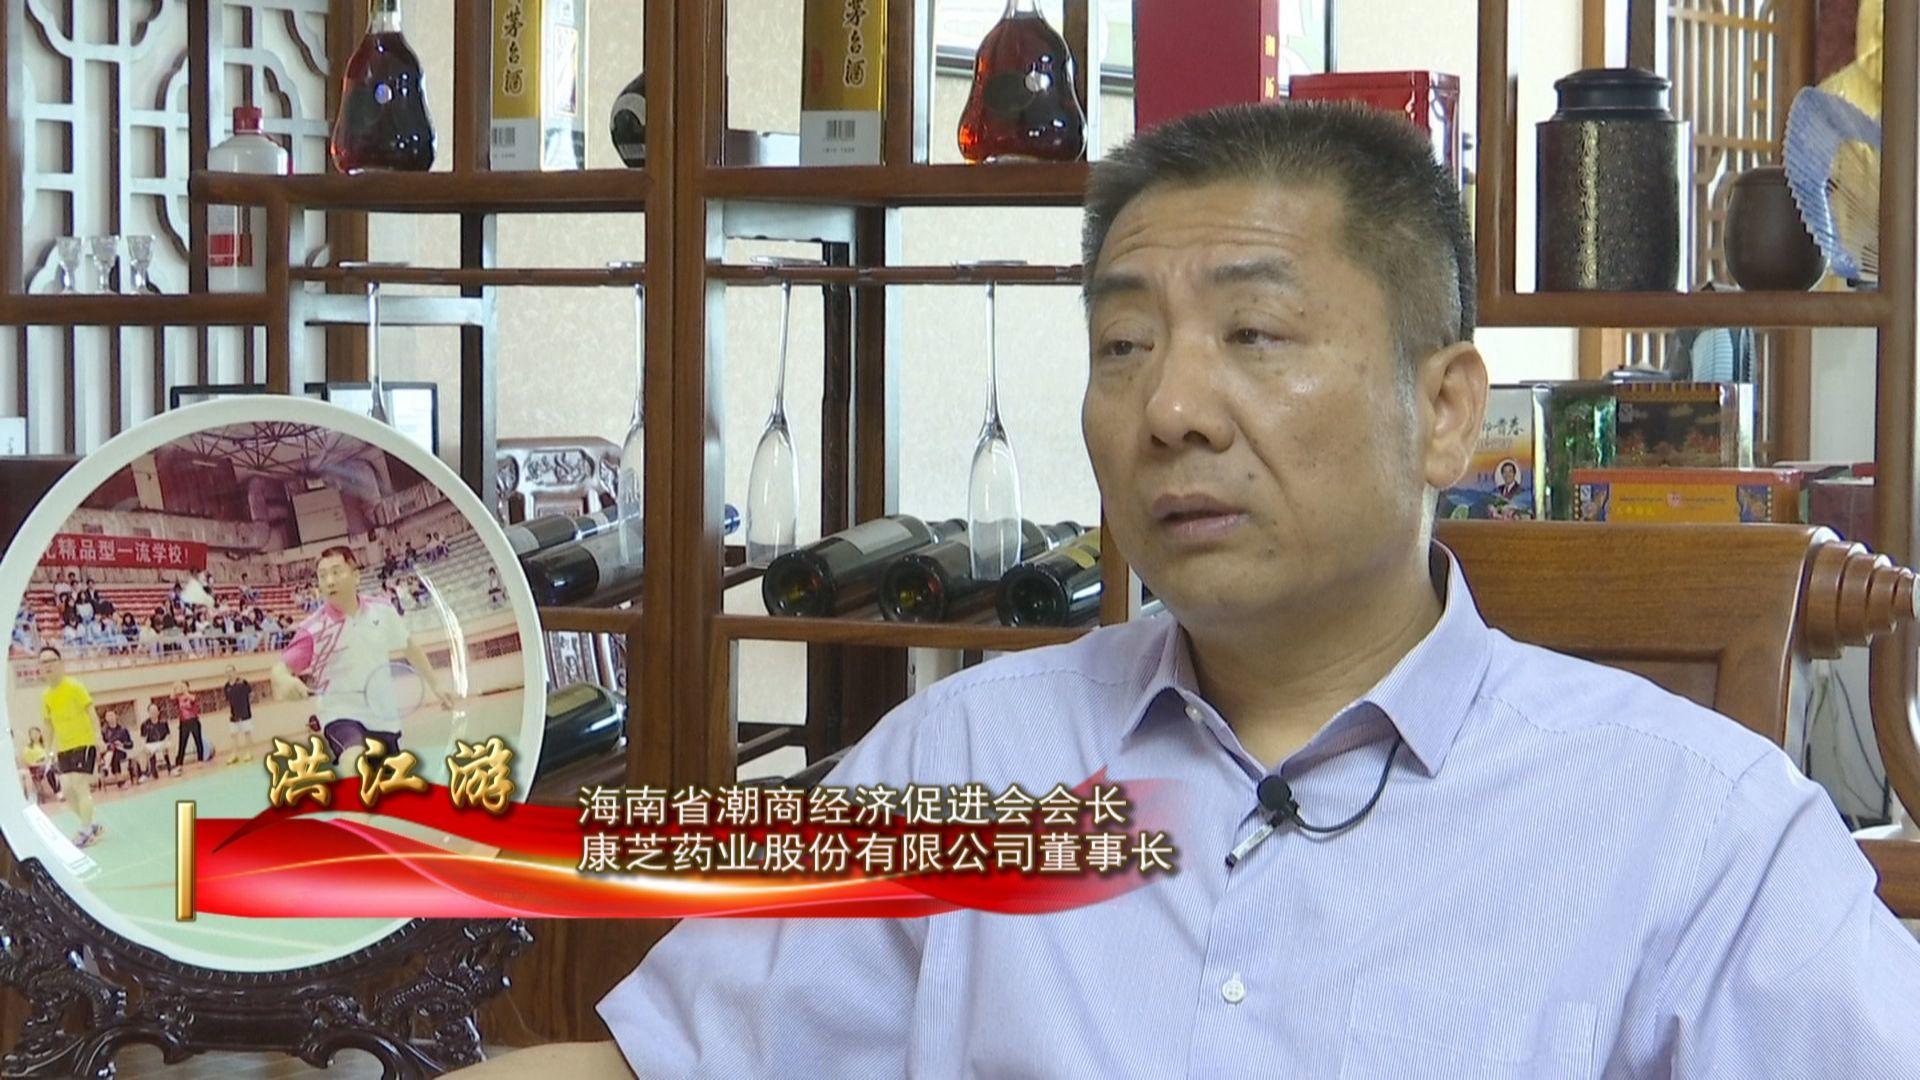 洪江游:打造儿童药民族品牌 引领海南潮商创新发展